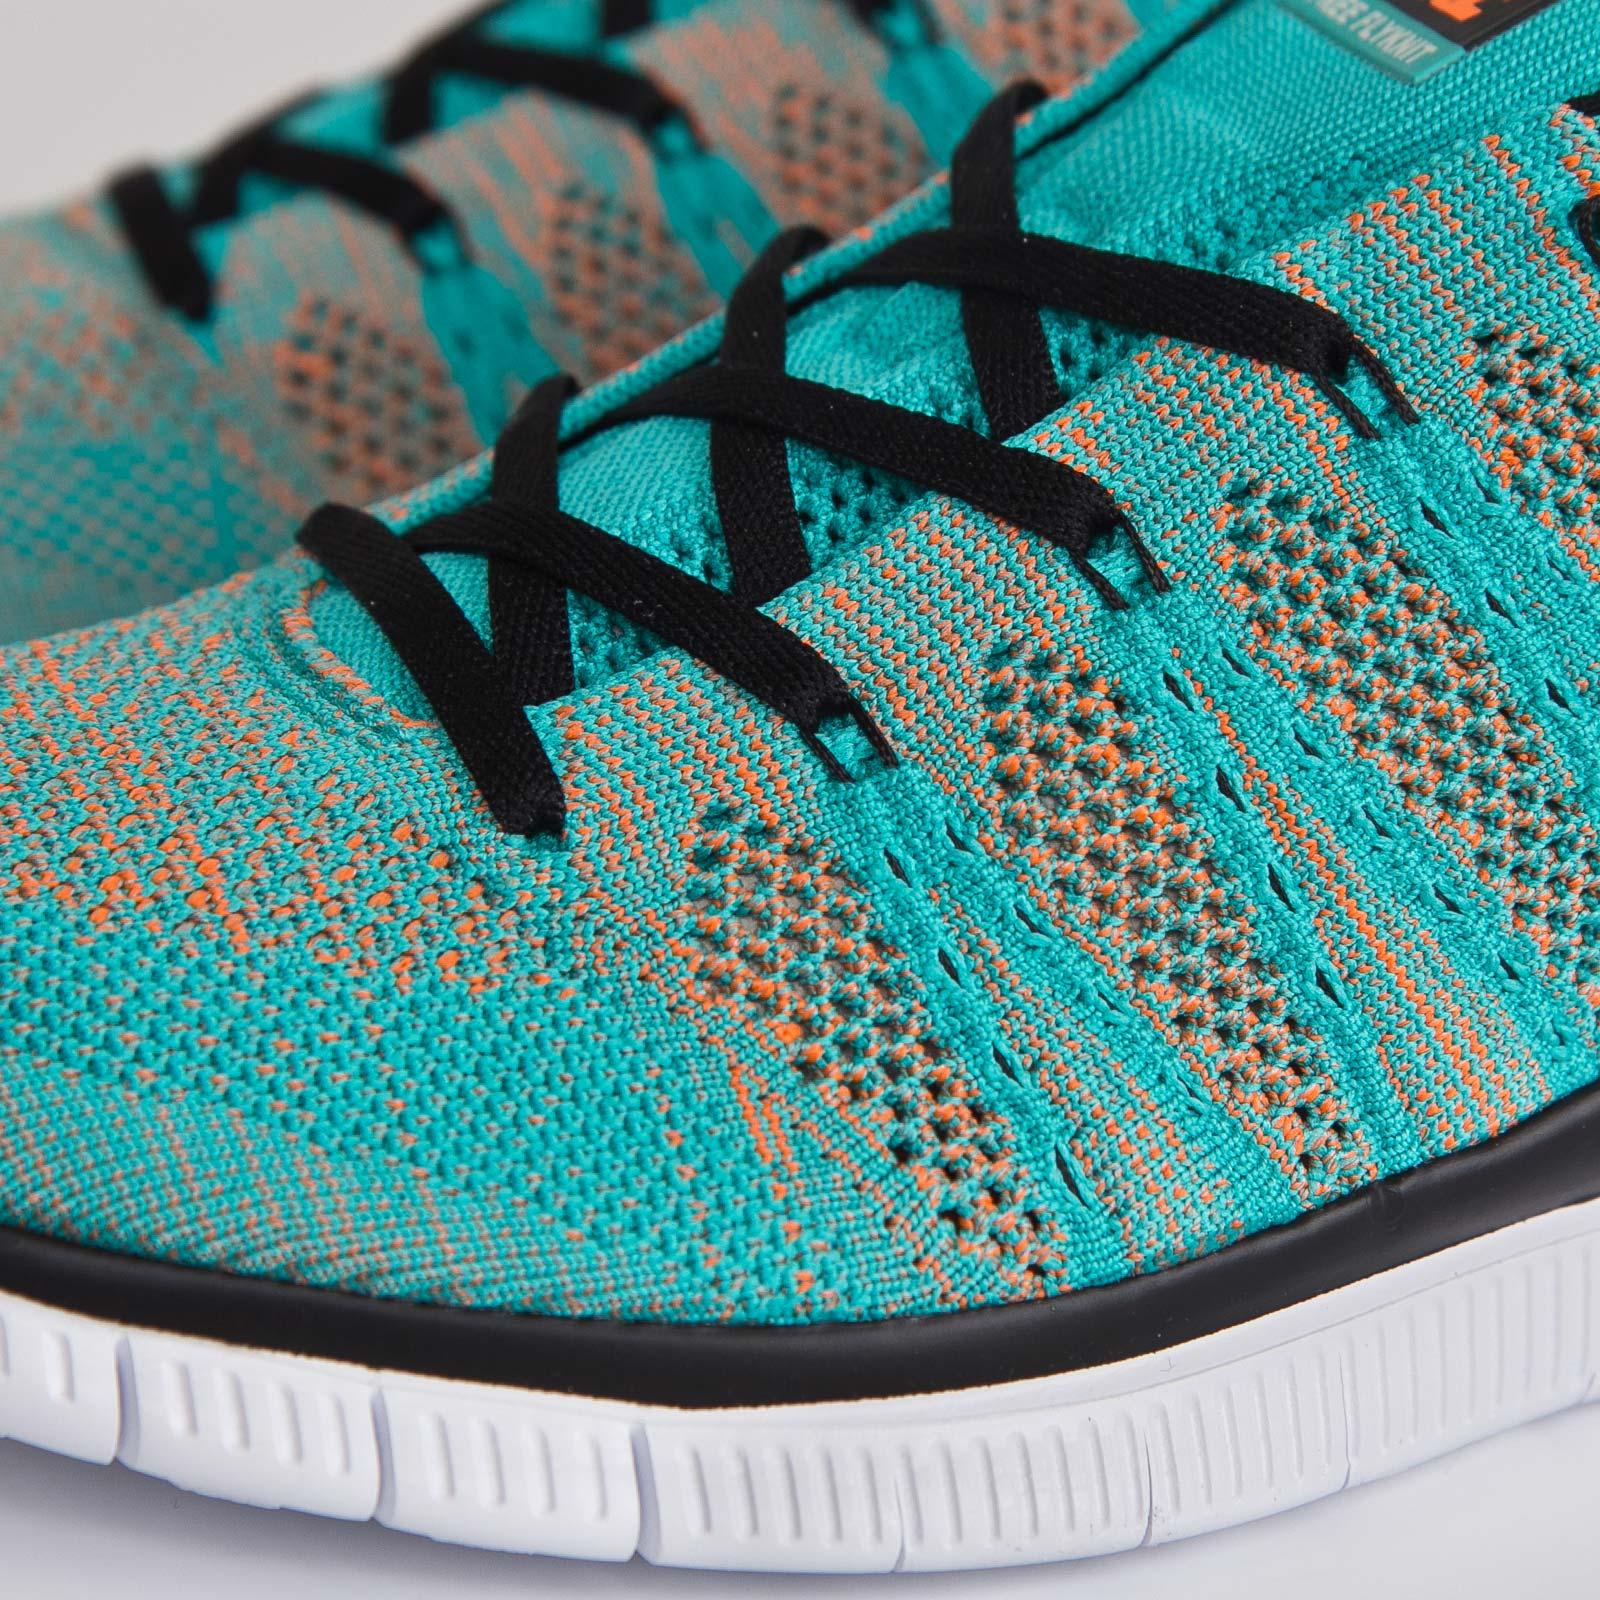 Nike Free Flyknit NSW 599459 301 Sneakersnstuff